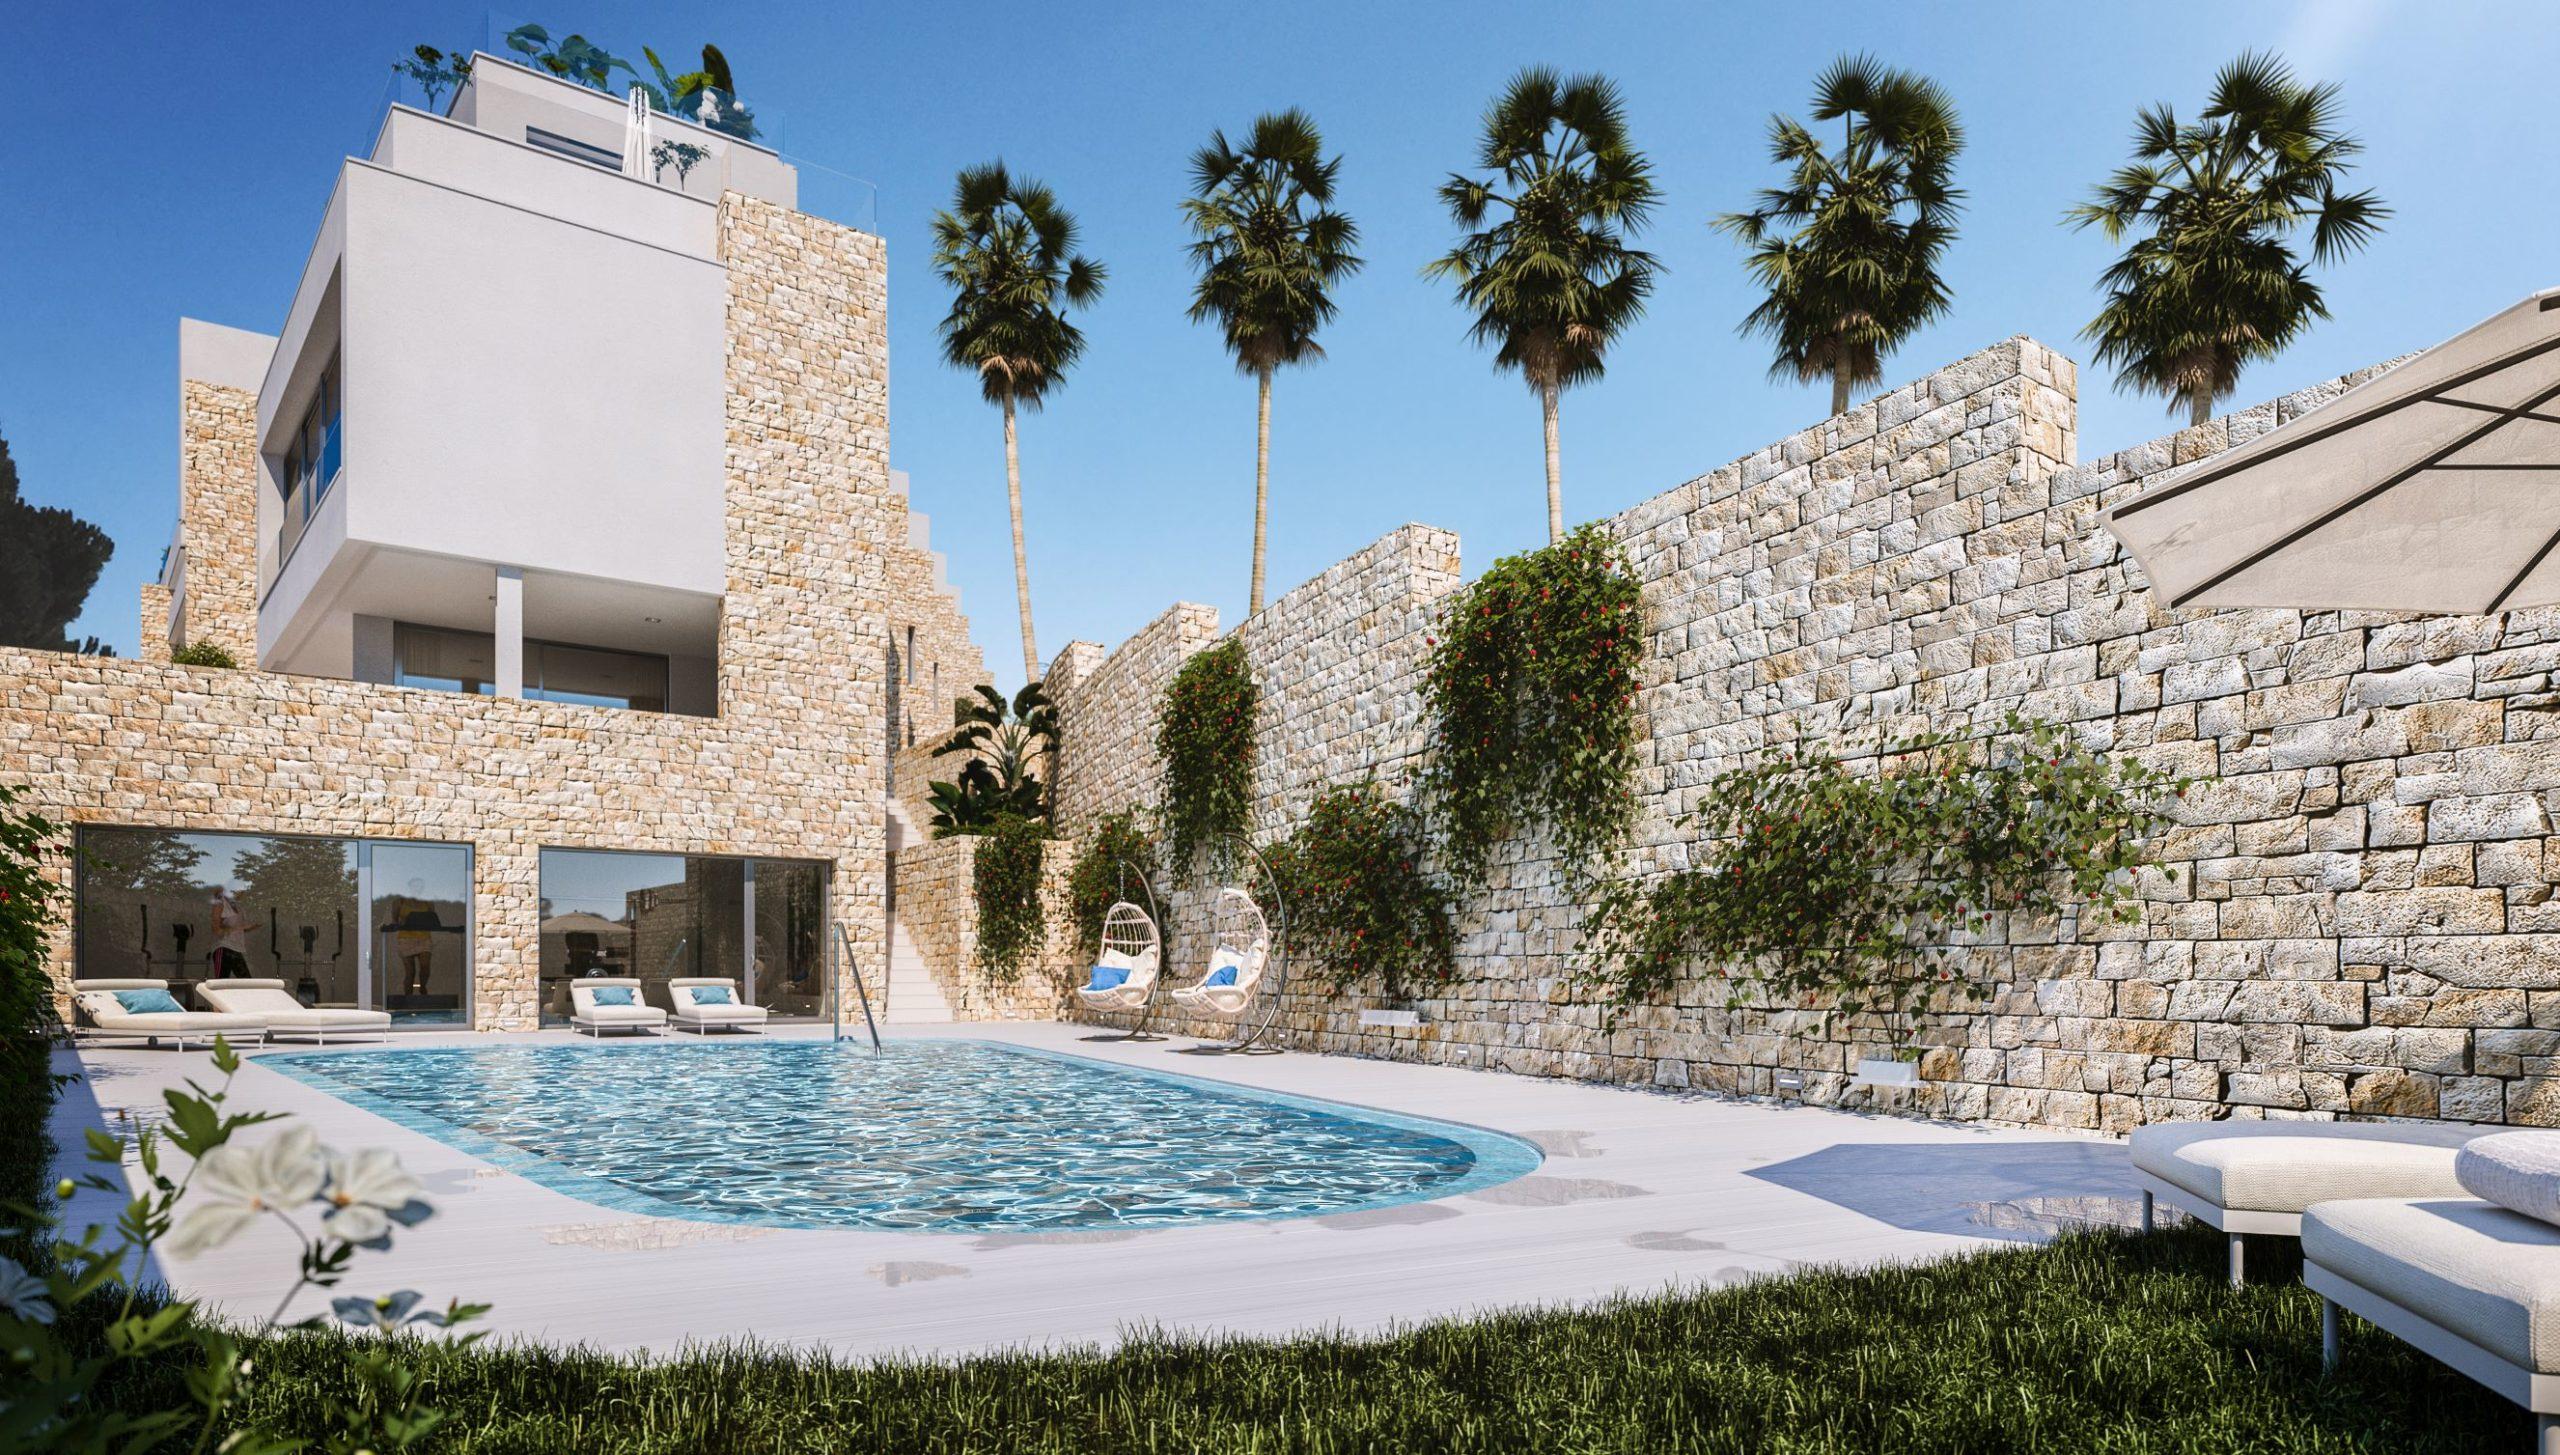 Grand View Marbella Community